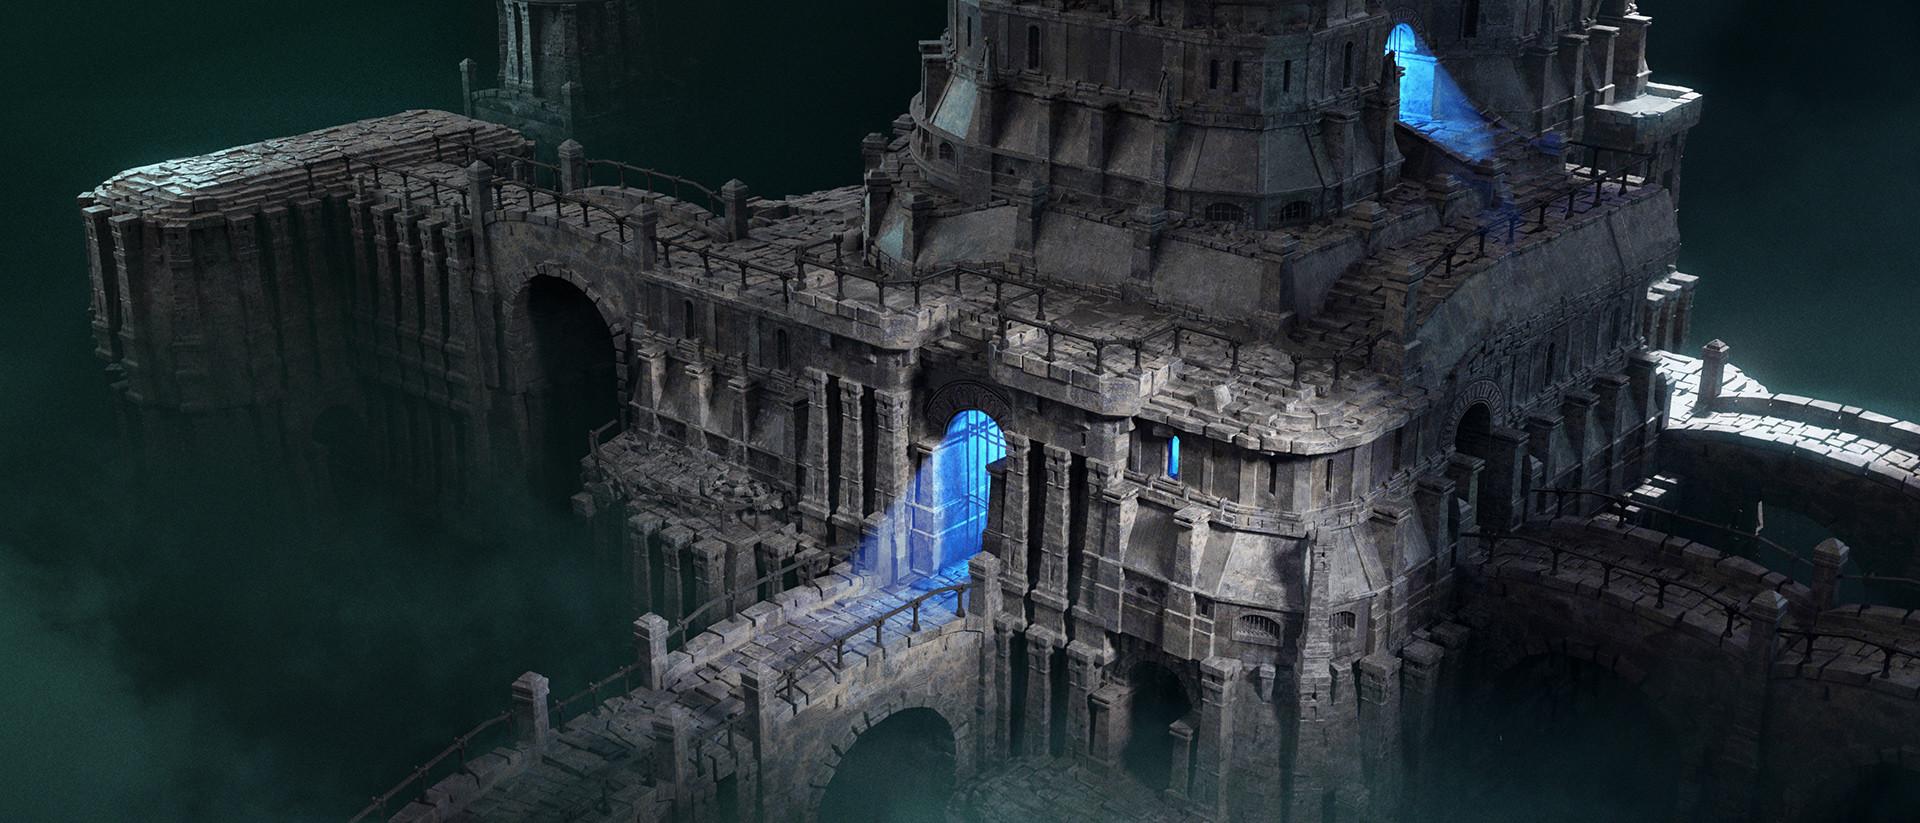 Reiko gross ruins exterieur2